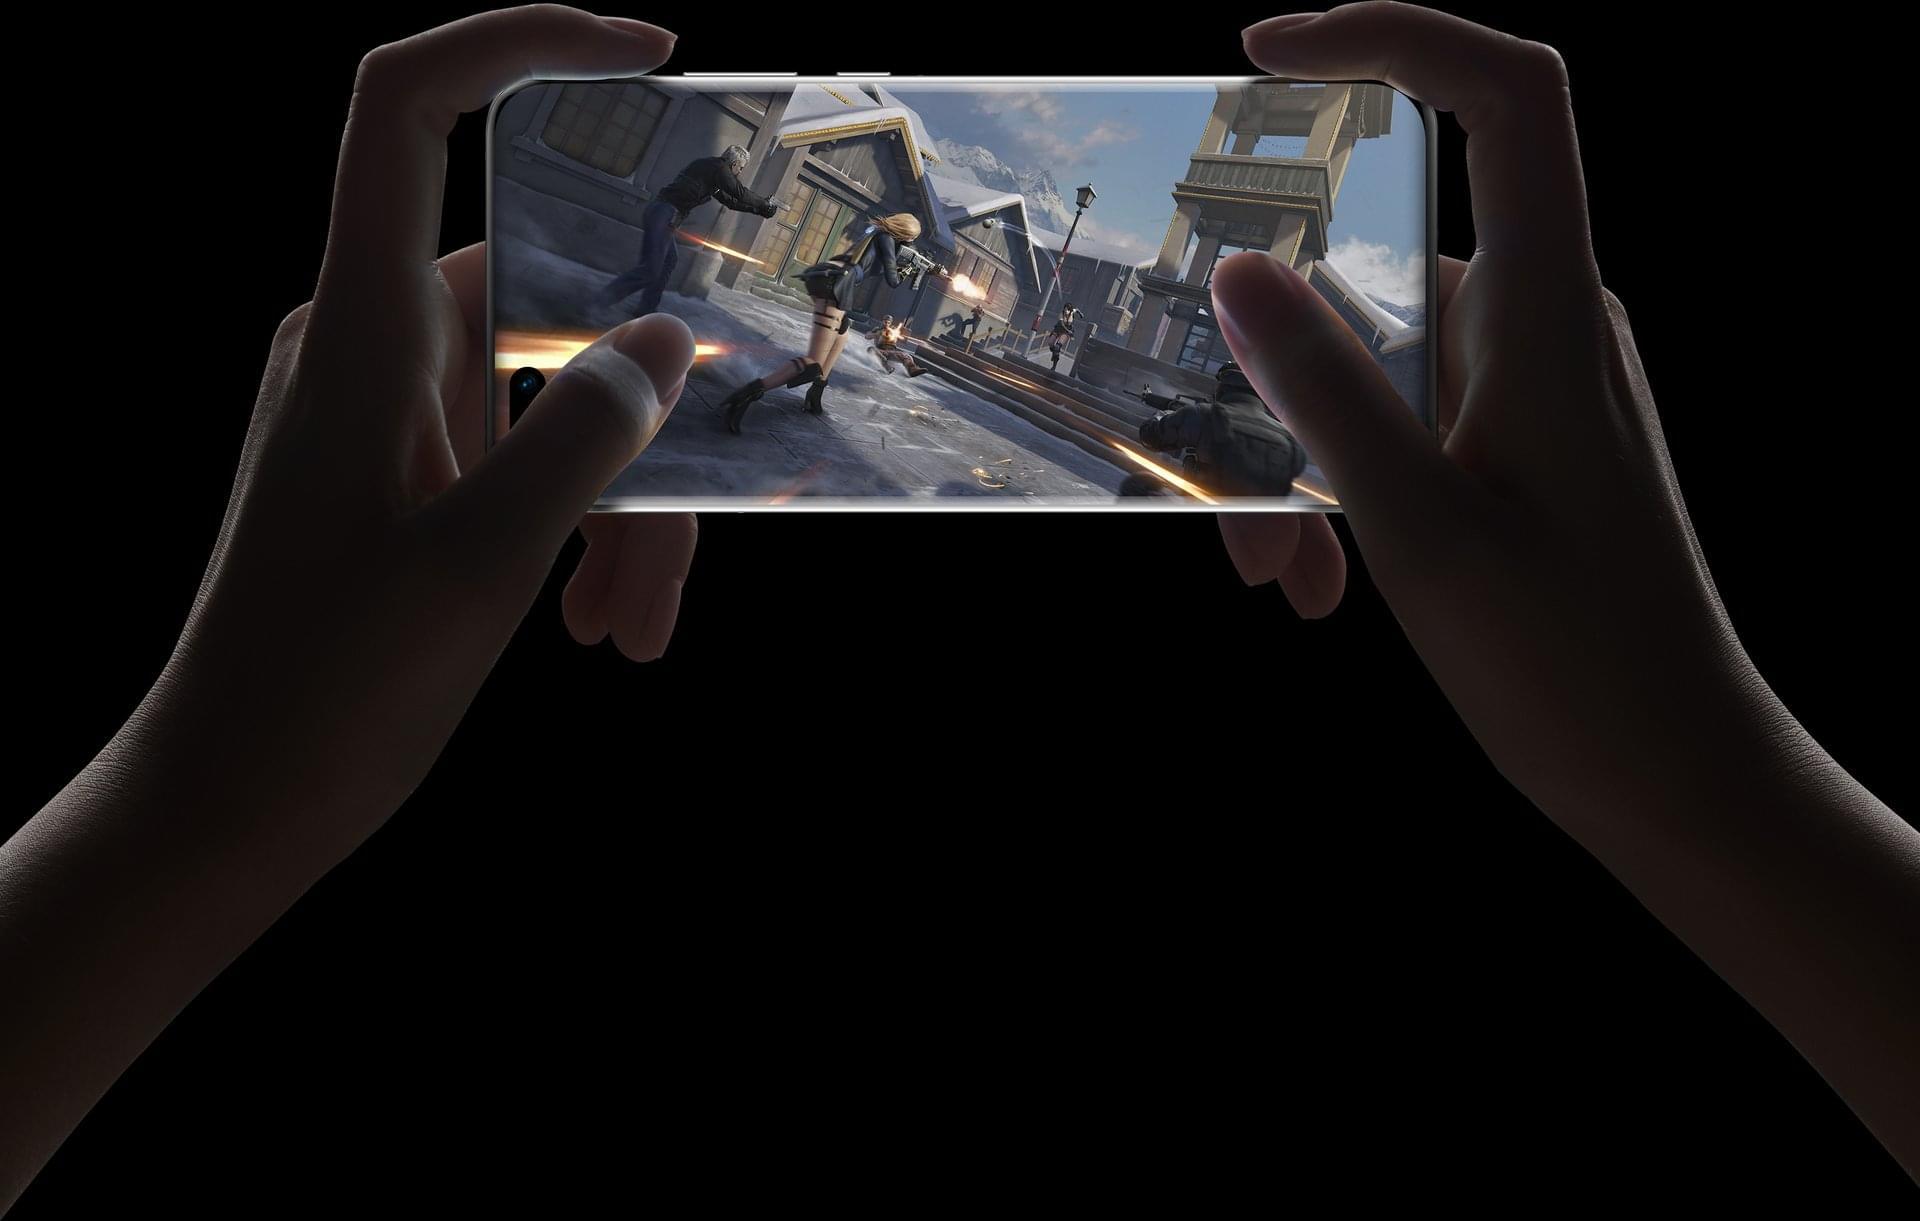 huawei p40 pro+ immersive gaming